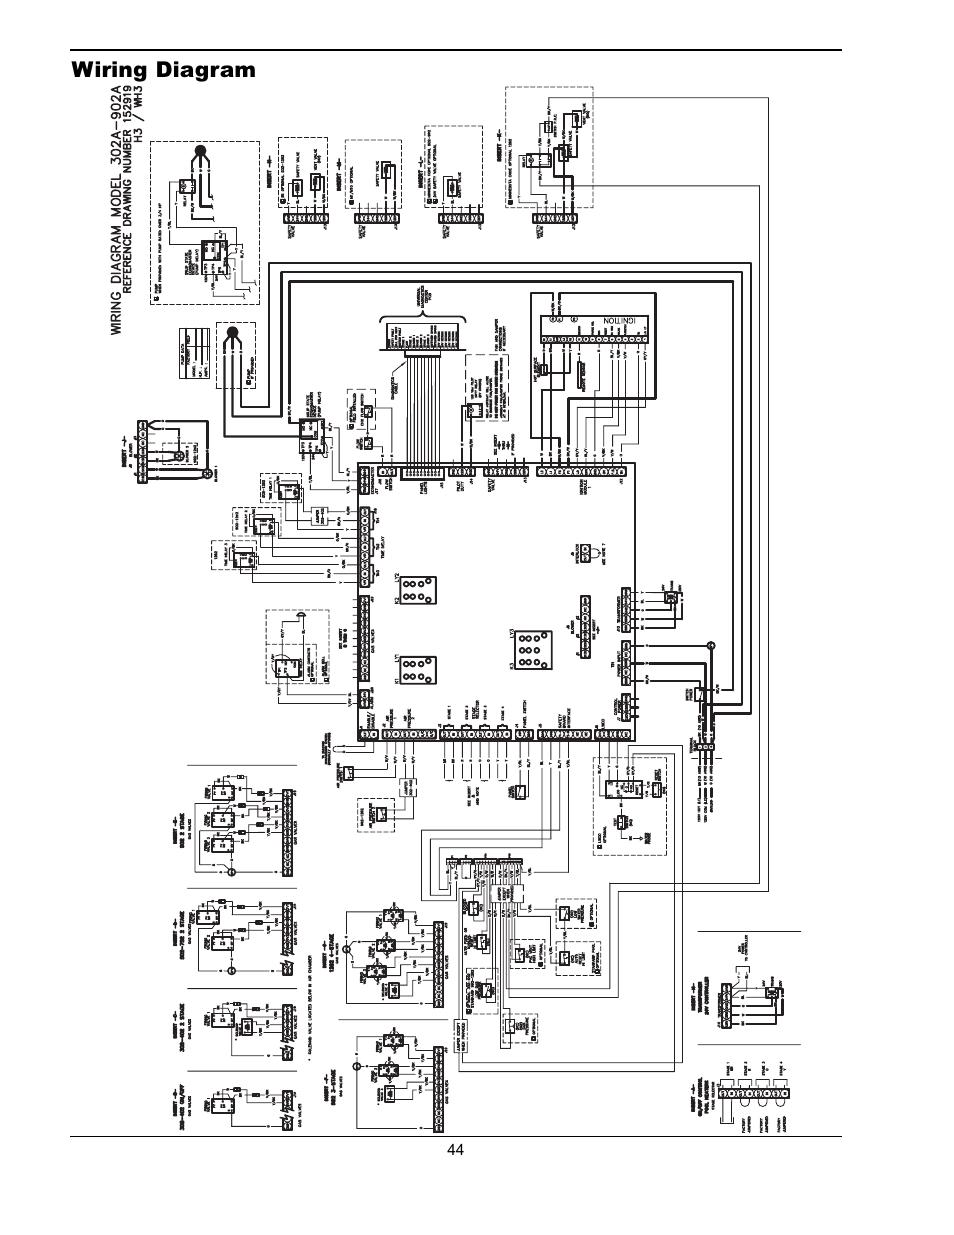 Gun Oil Furnace Primary Control Wiring Diagrams Home Diagram Raypak Boiler Third Levelgun